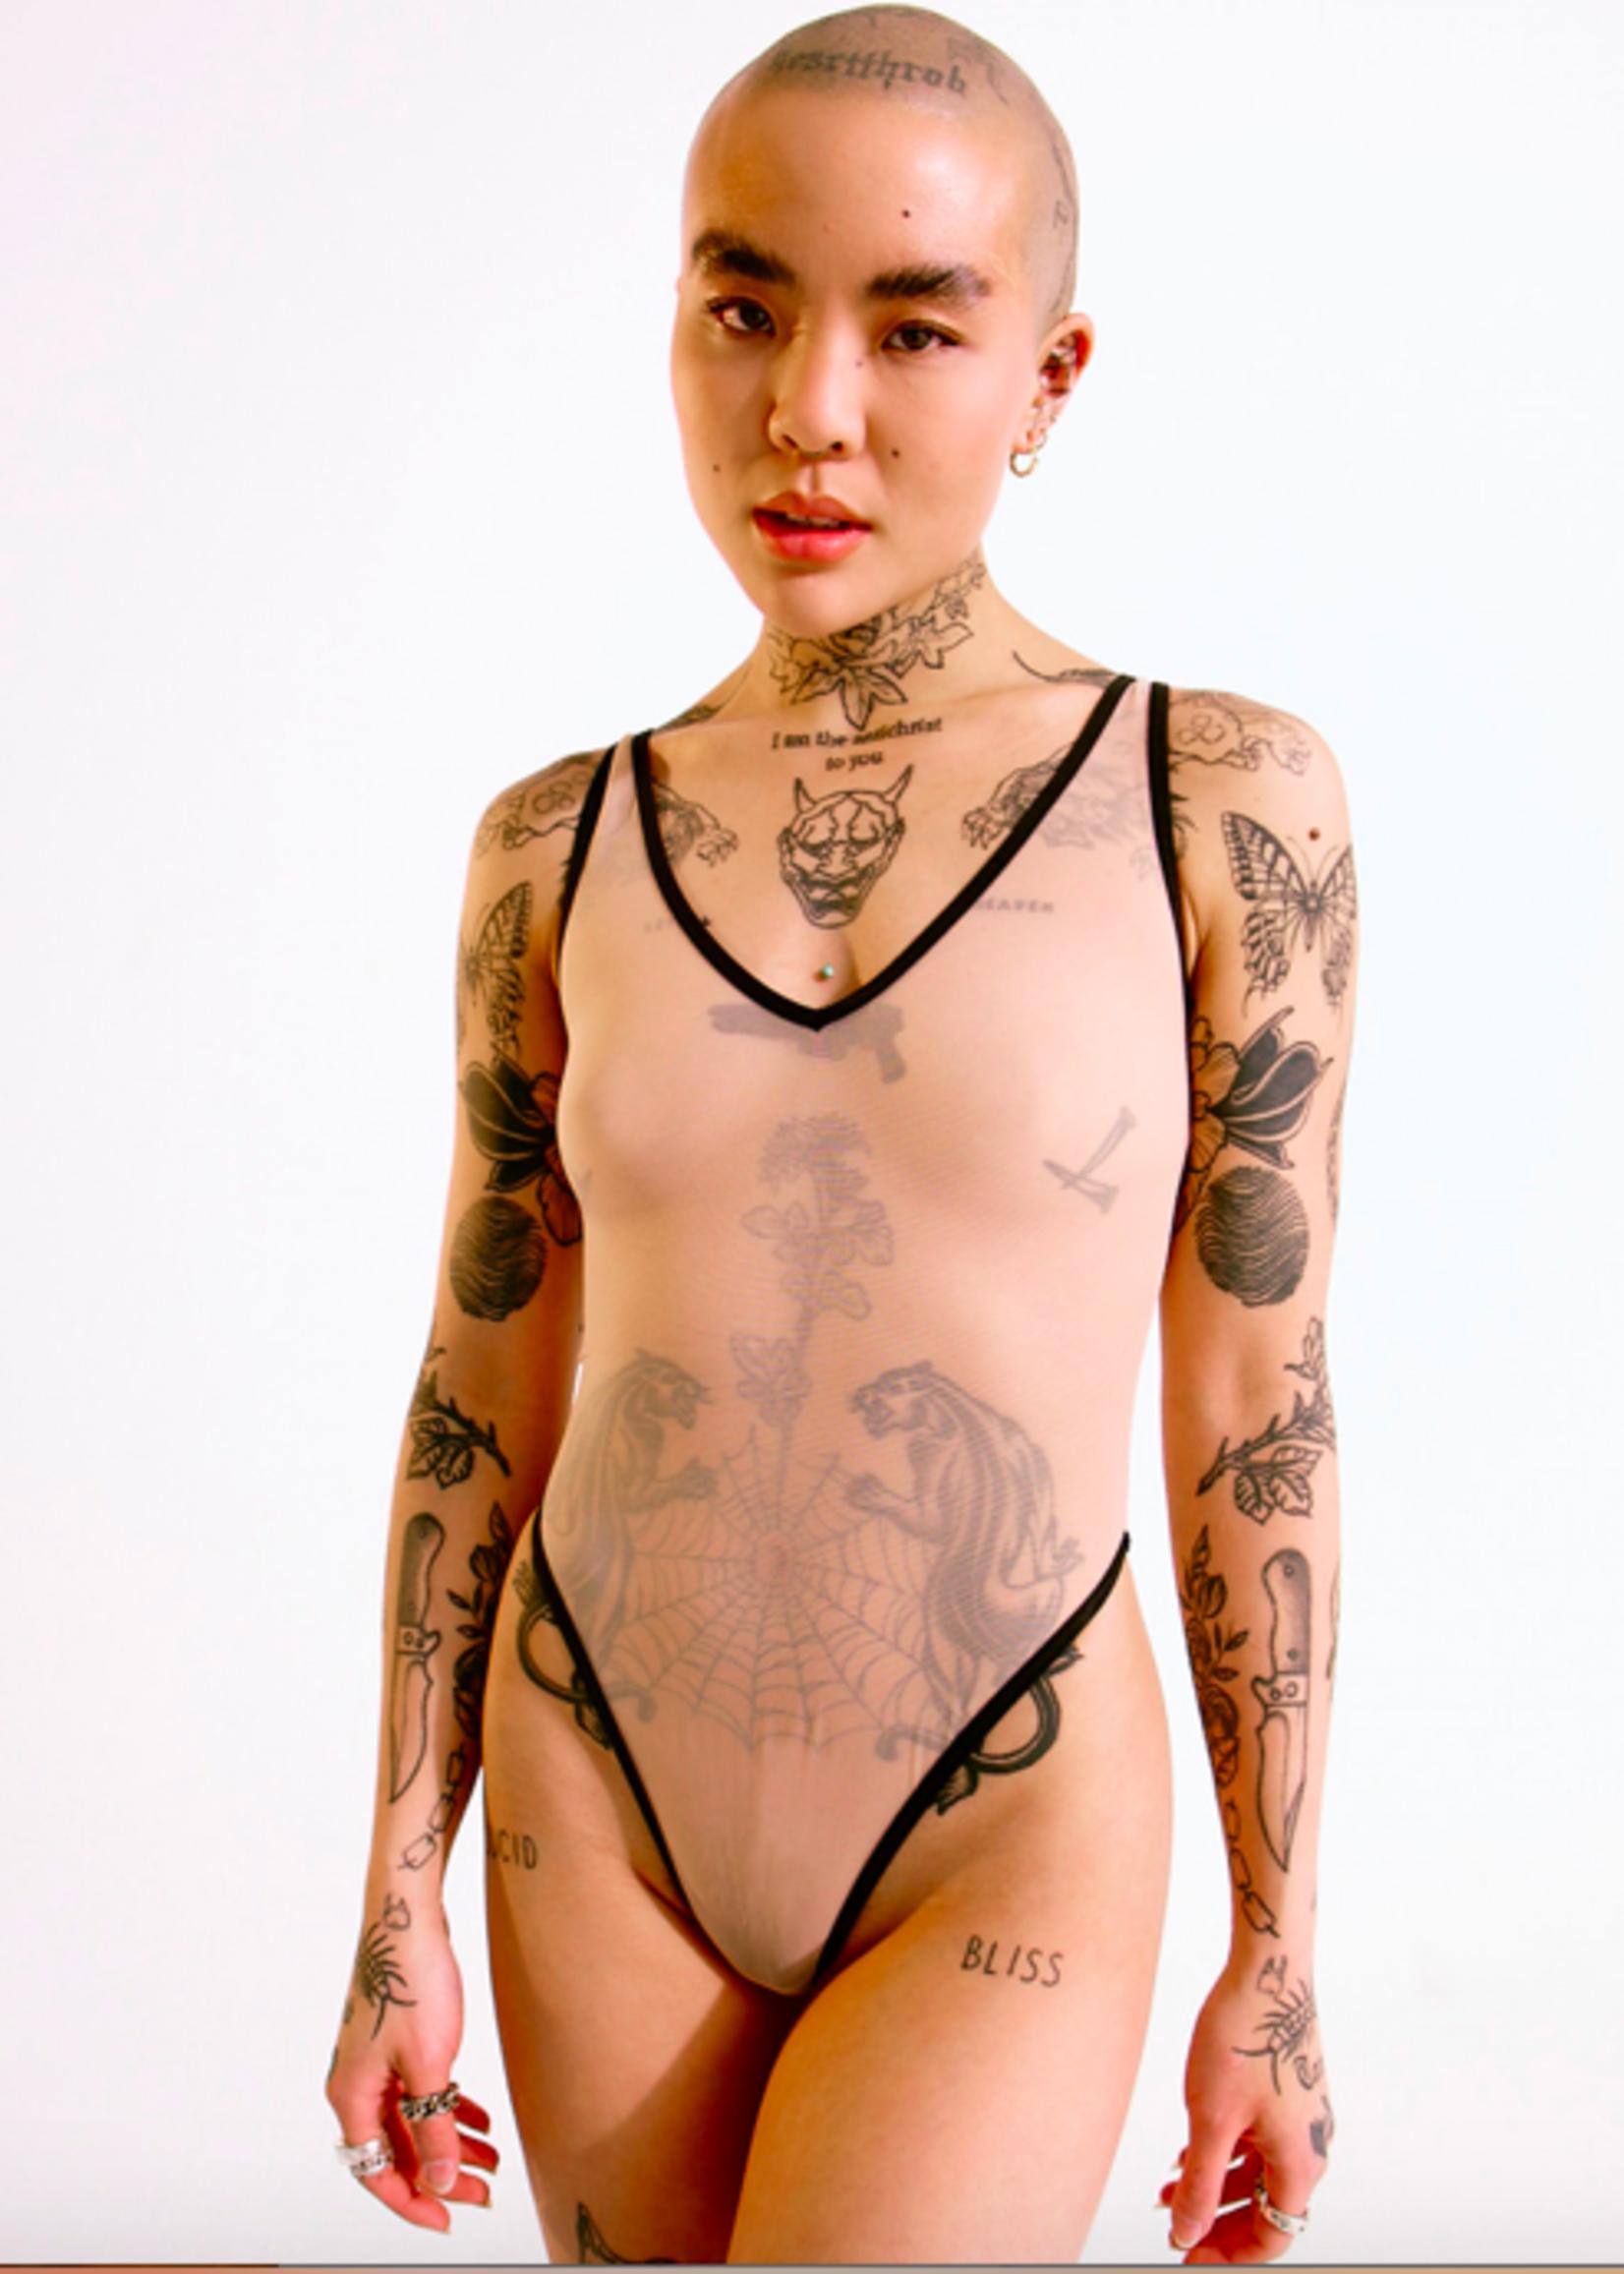 Blush Lingerie Bodysuit en maille Mei Pang x Blush par Blush Lingerie